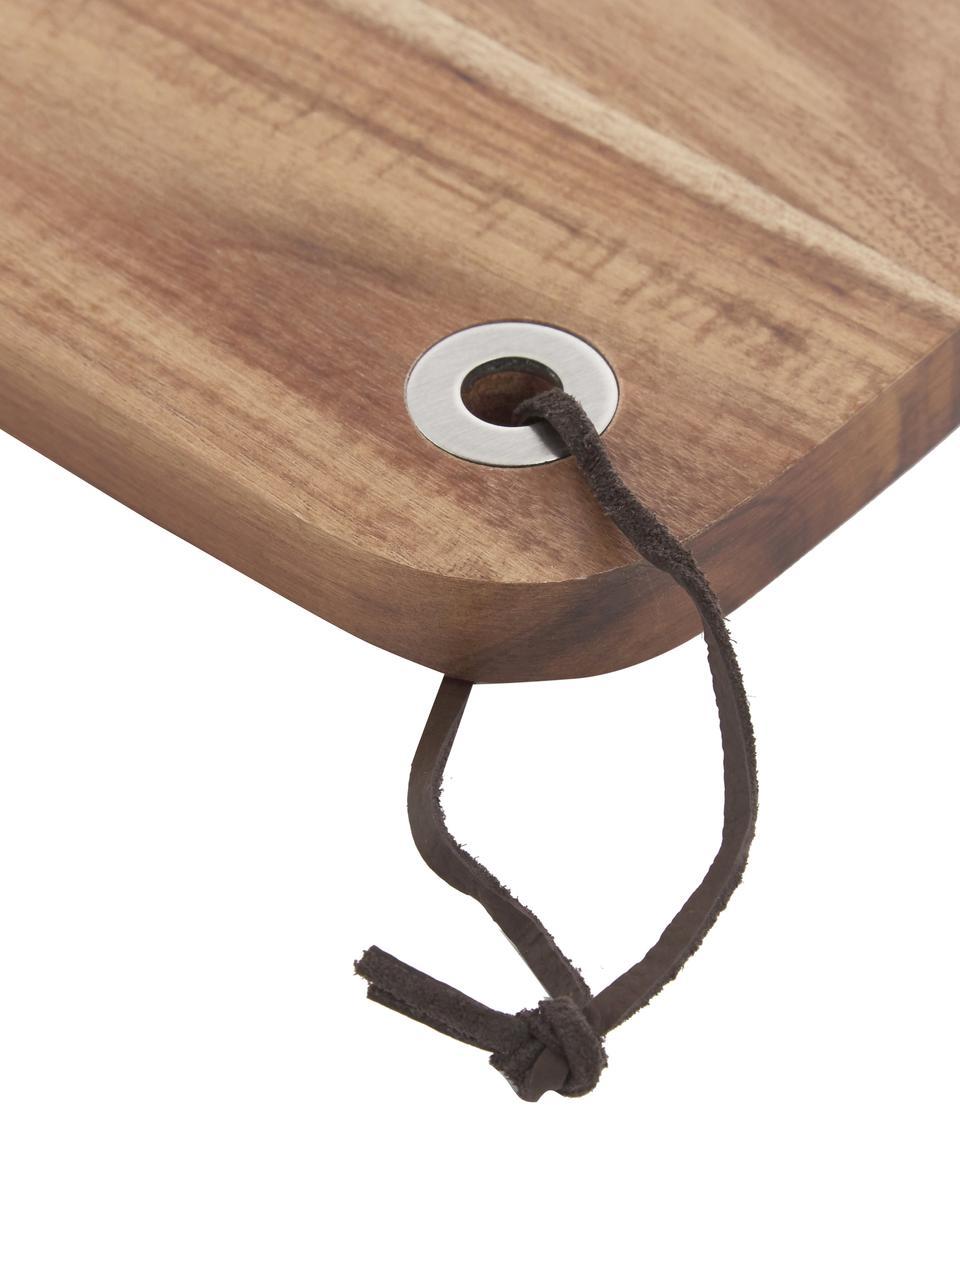 Tagliere in legno di acacia Acacia, 33x23 cm, Legno di acacia, Legno di acacia, Lung. 33 x Larg. 23 cm